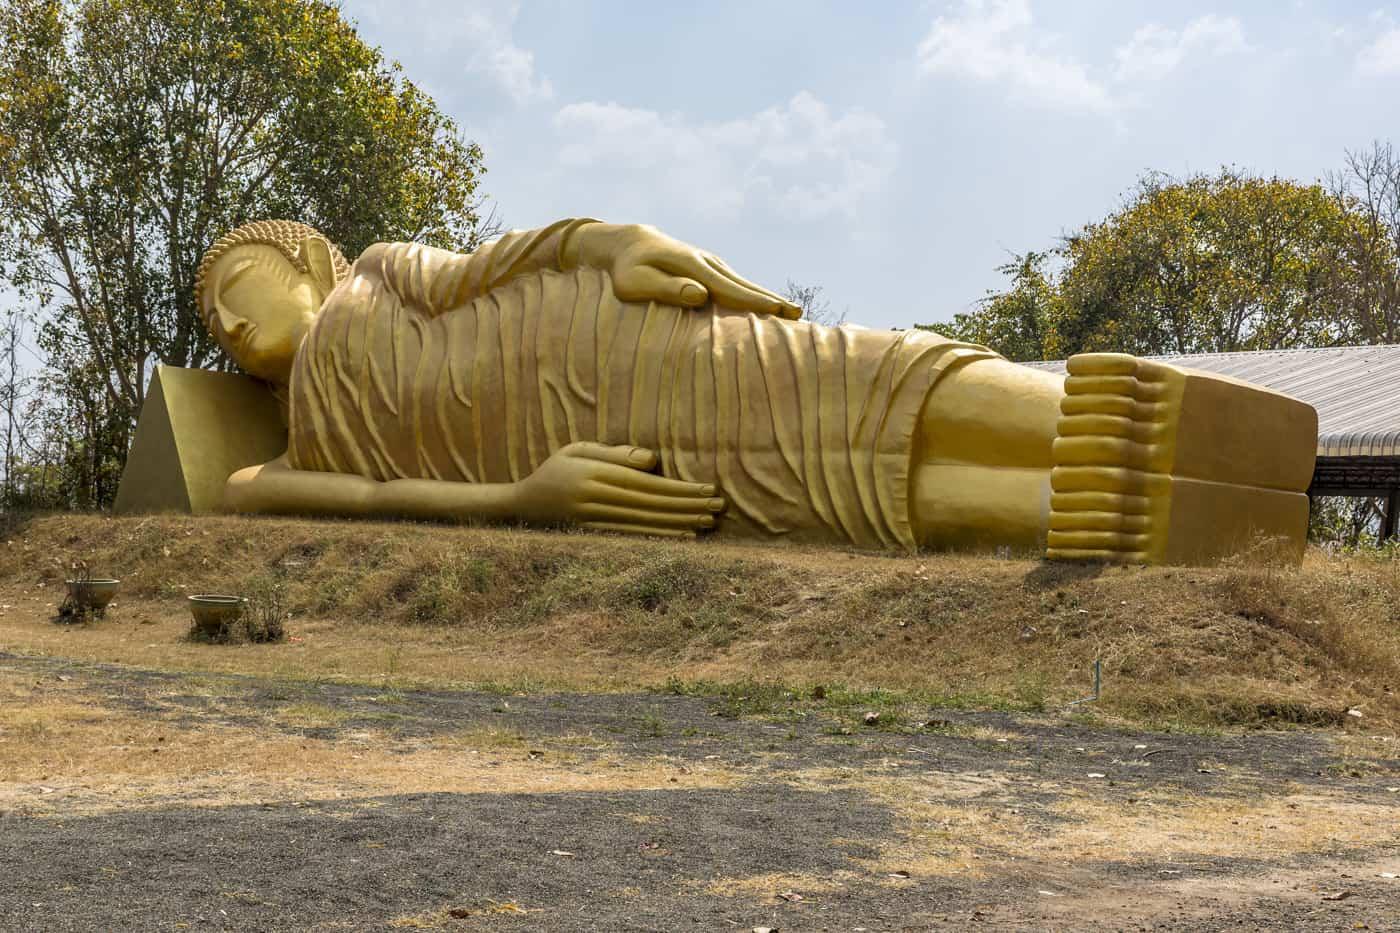 Thailand und der Beton hier ein liegender goldener Buddha mit faltigem Gewand aus Beton